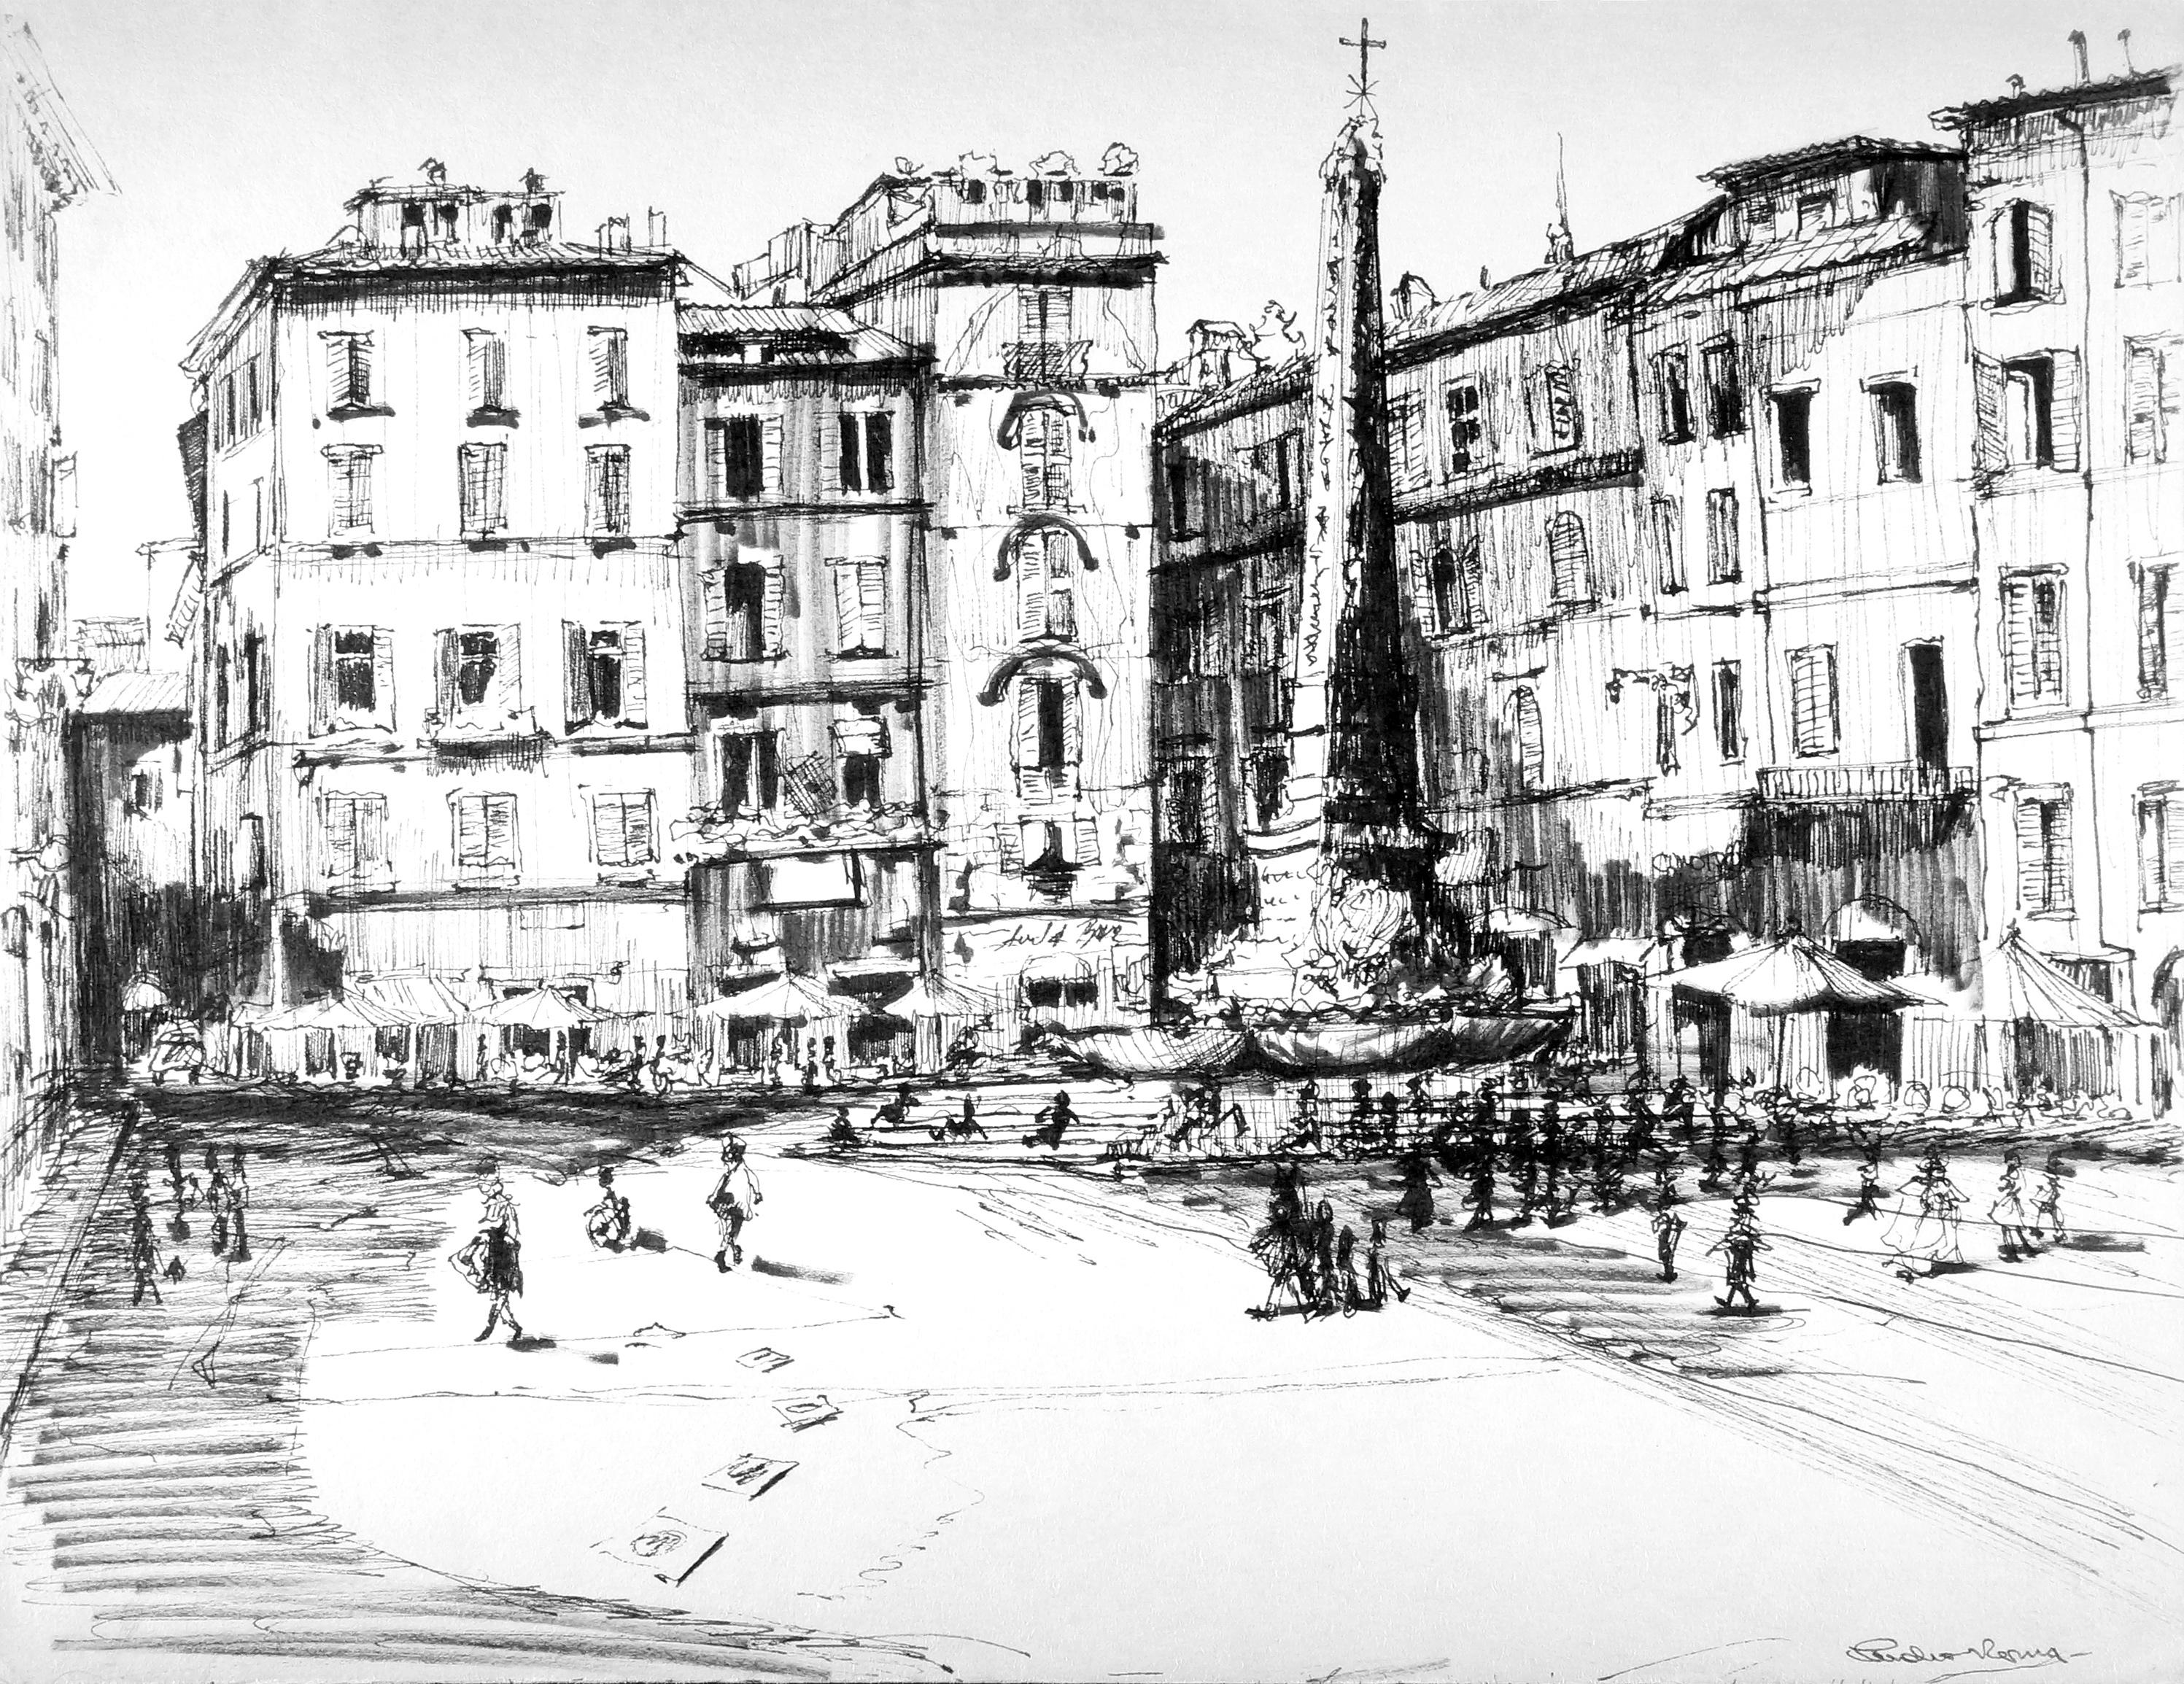 Piazza di Pantheon, No. 1